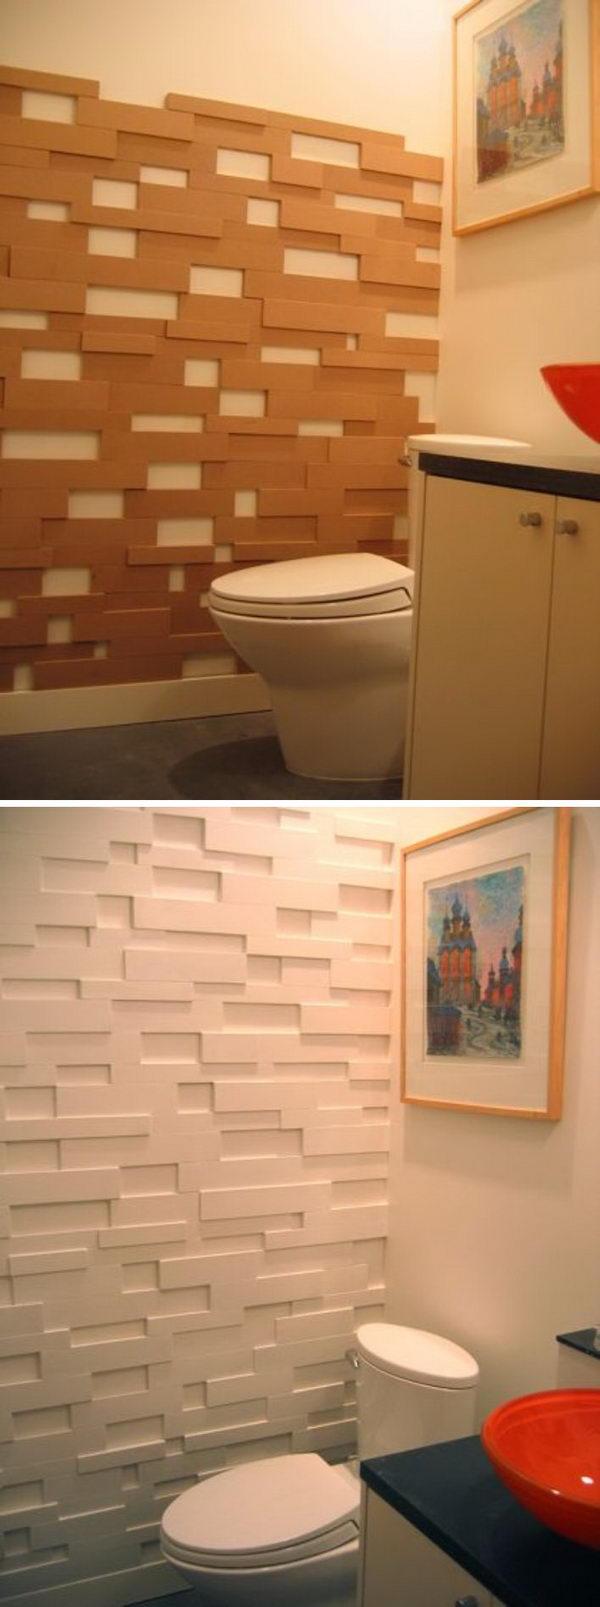 3D Effect Wallpaper Accent Wall.